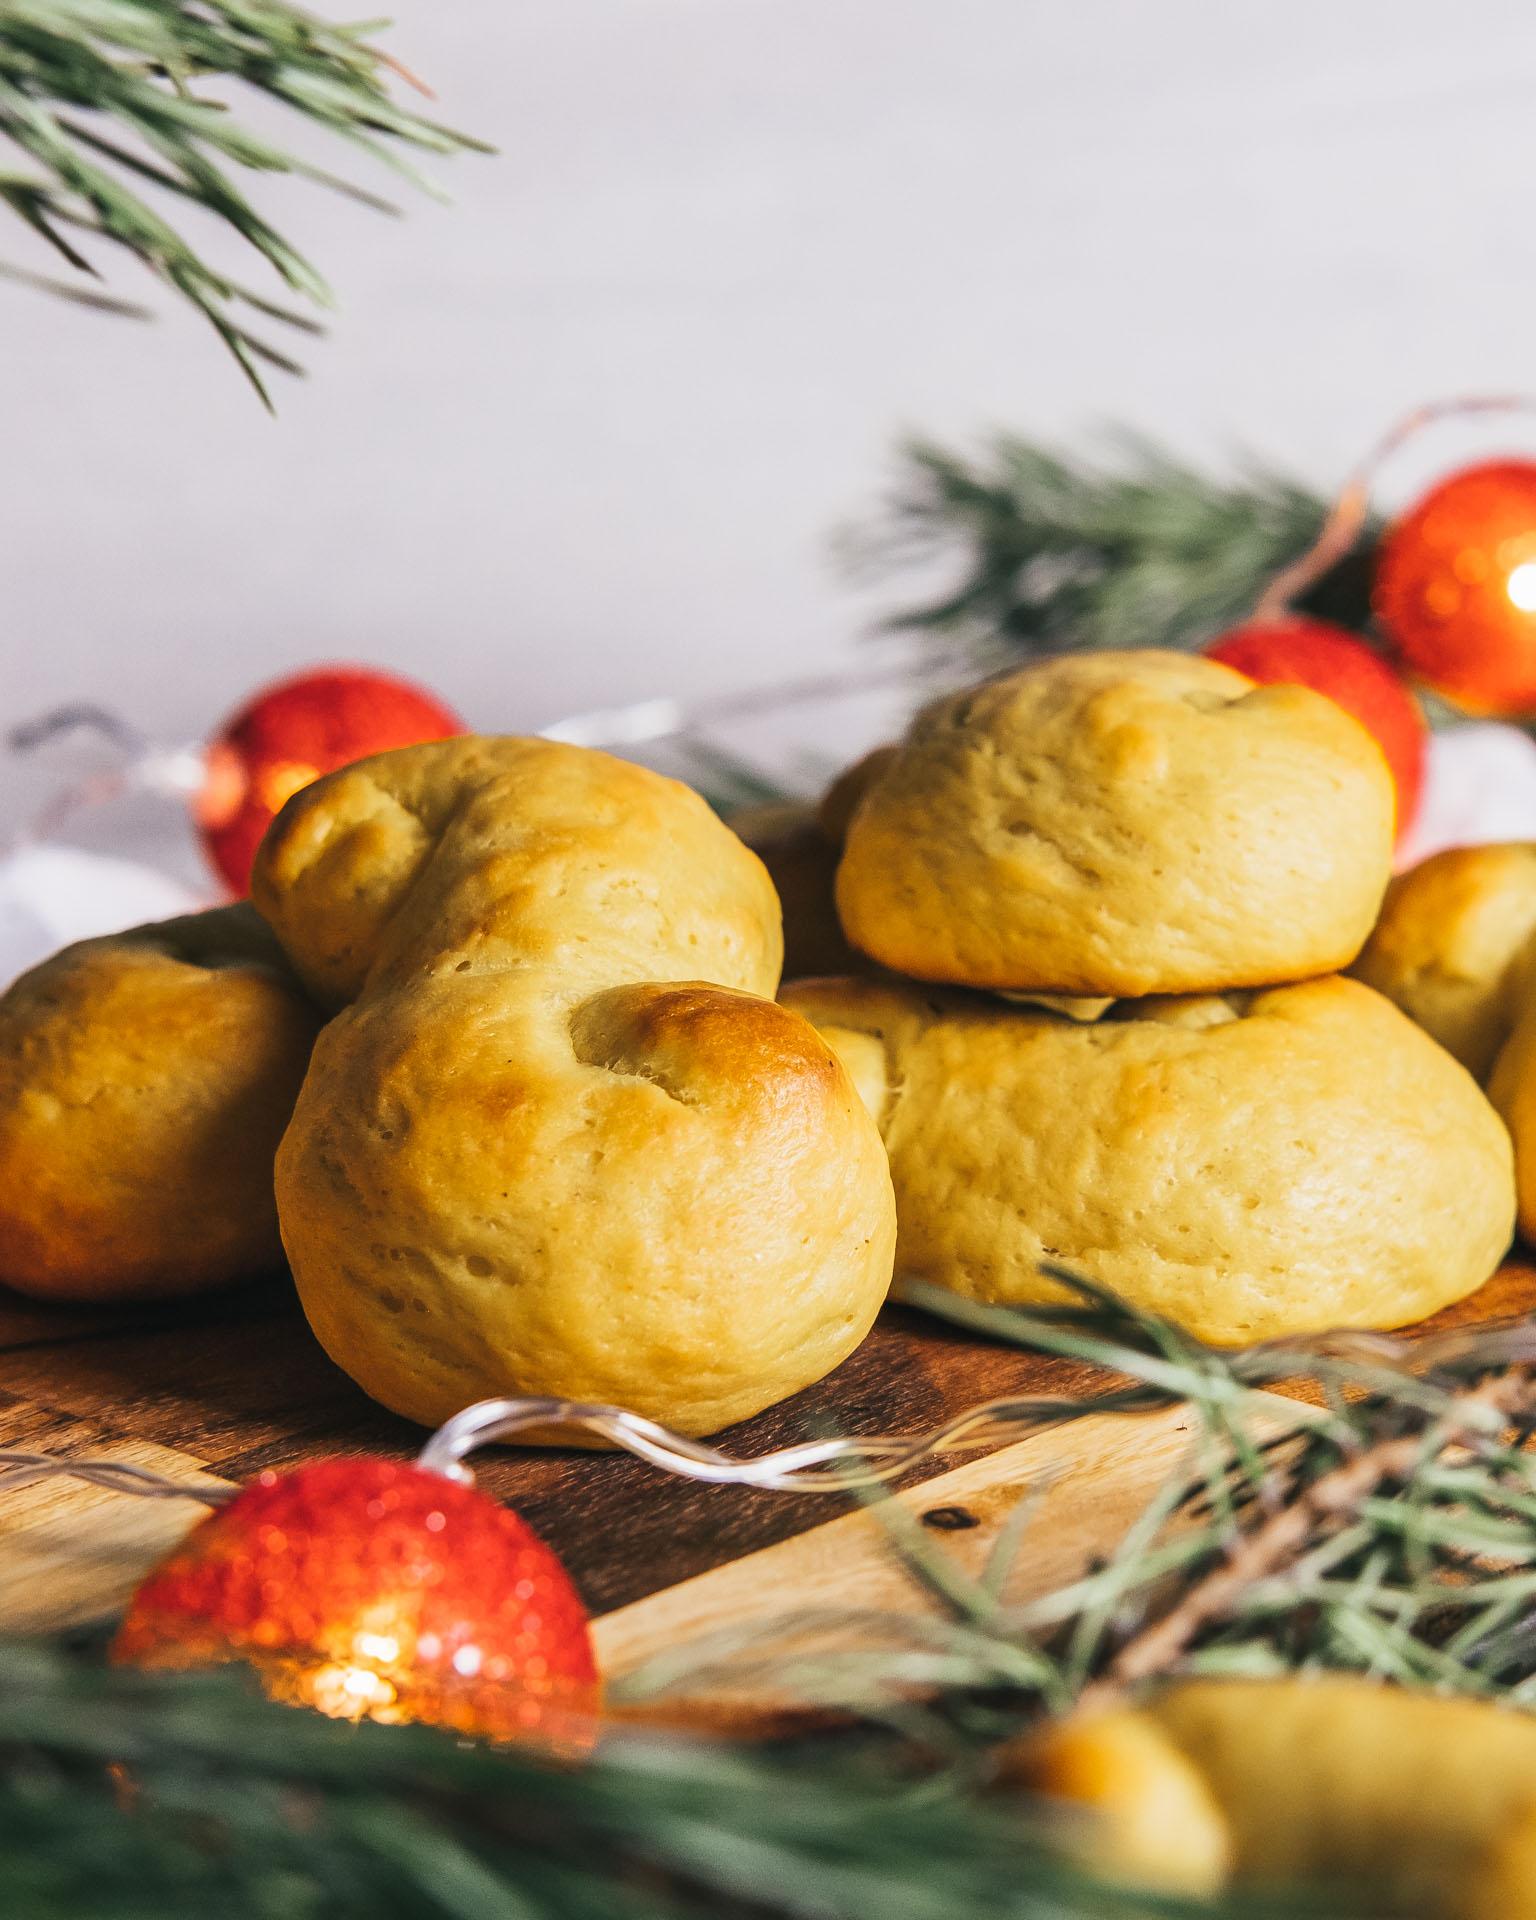 Recept på veganska lussekatter lussebullar safftansbullar saftiga fluffiga goda enkla